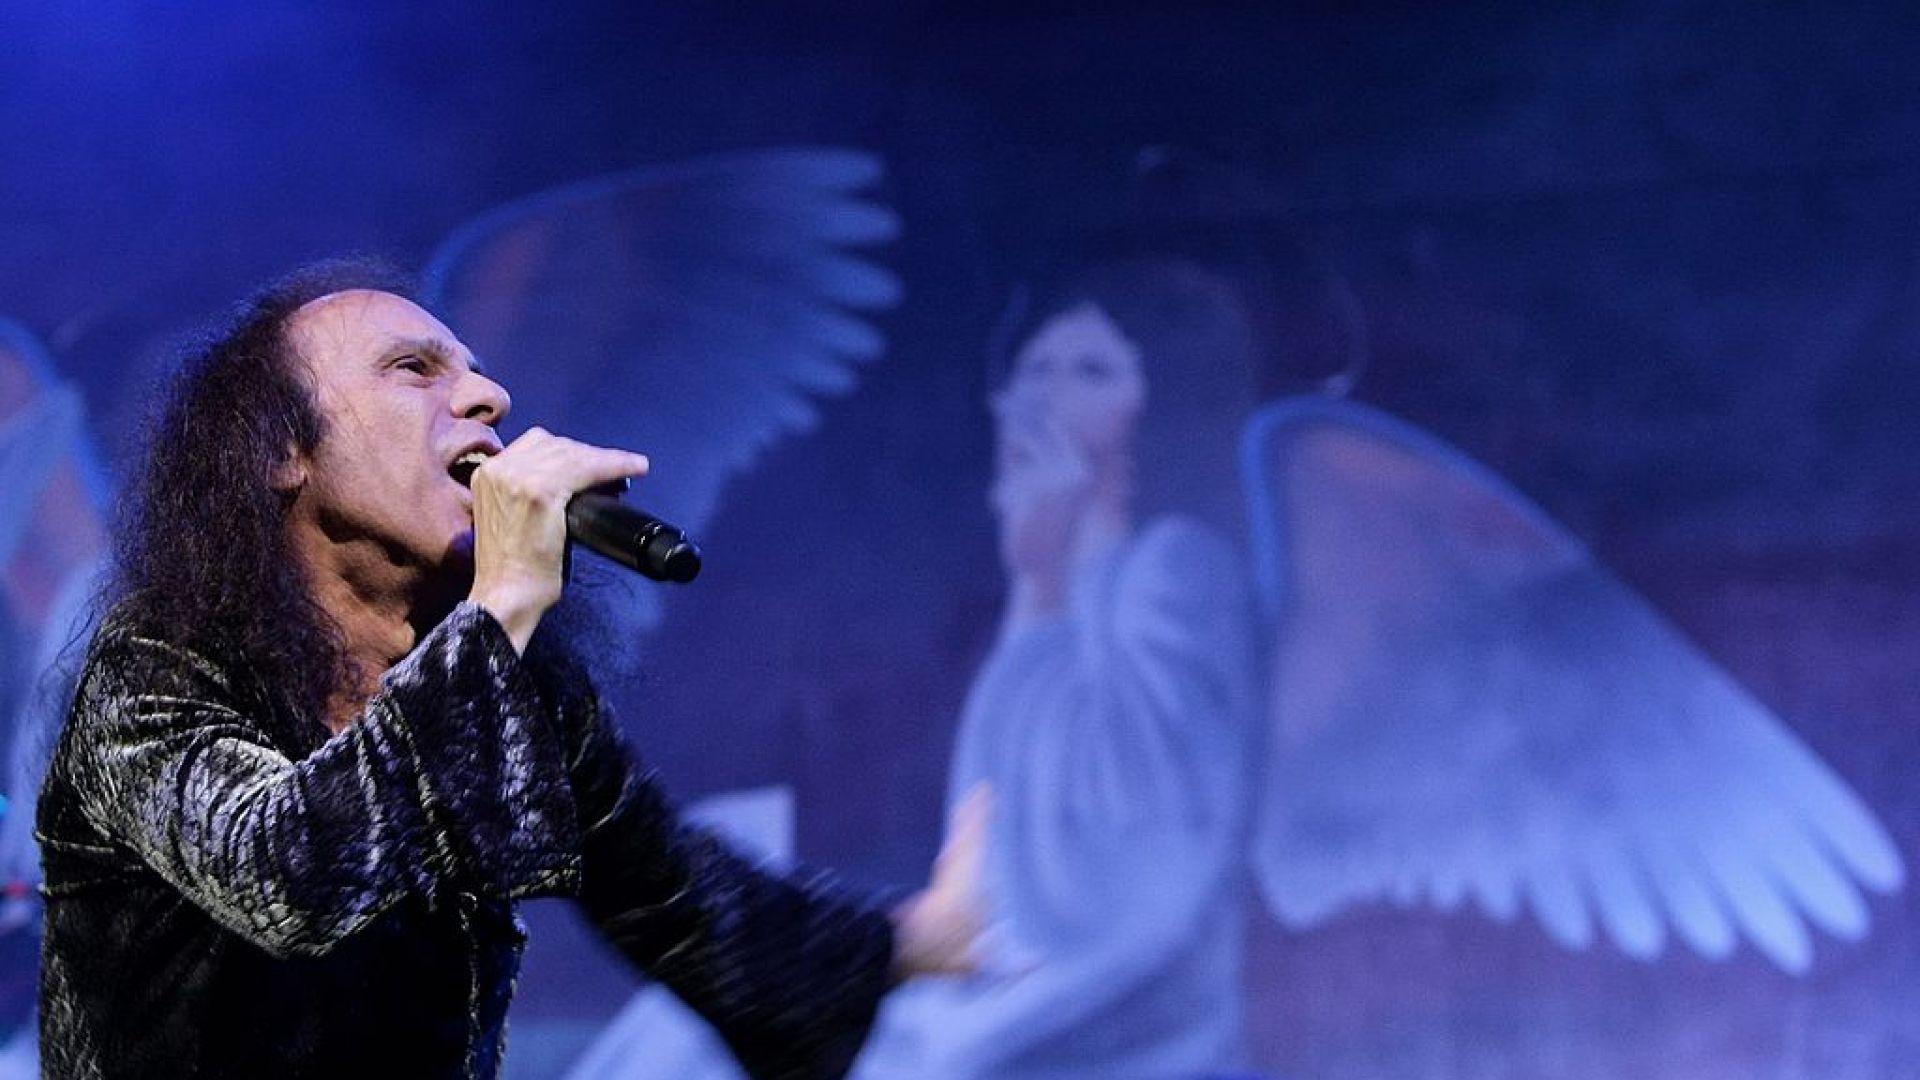 10 години от смъртта на Дио... Да живее Дио! 10 от най-яките парчета в негово изпълнение